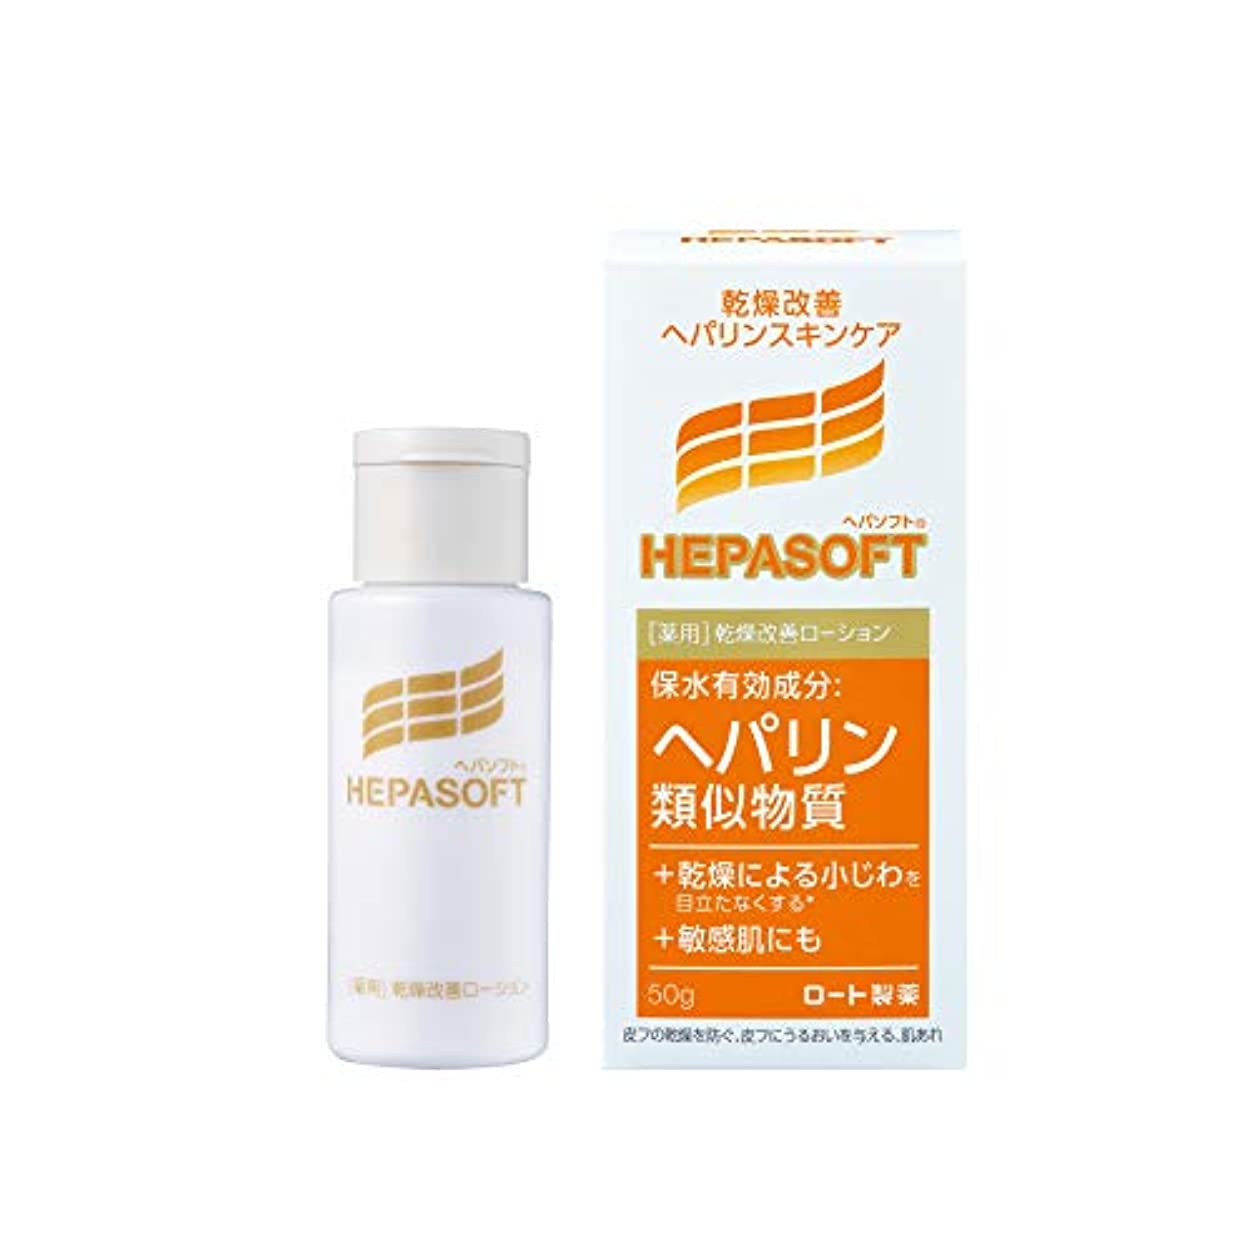 【医薬部外品】ヘパソフト 薬用 顔の乾燥改善 オールインワン (化粧水 乳液 美容液) ローション 50g